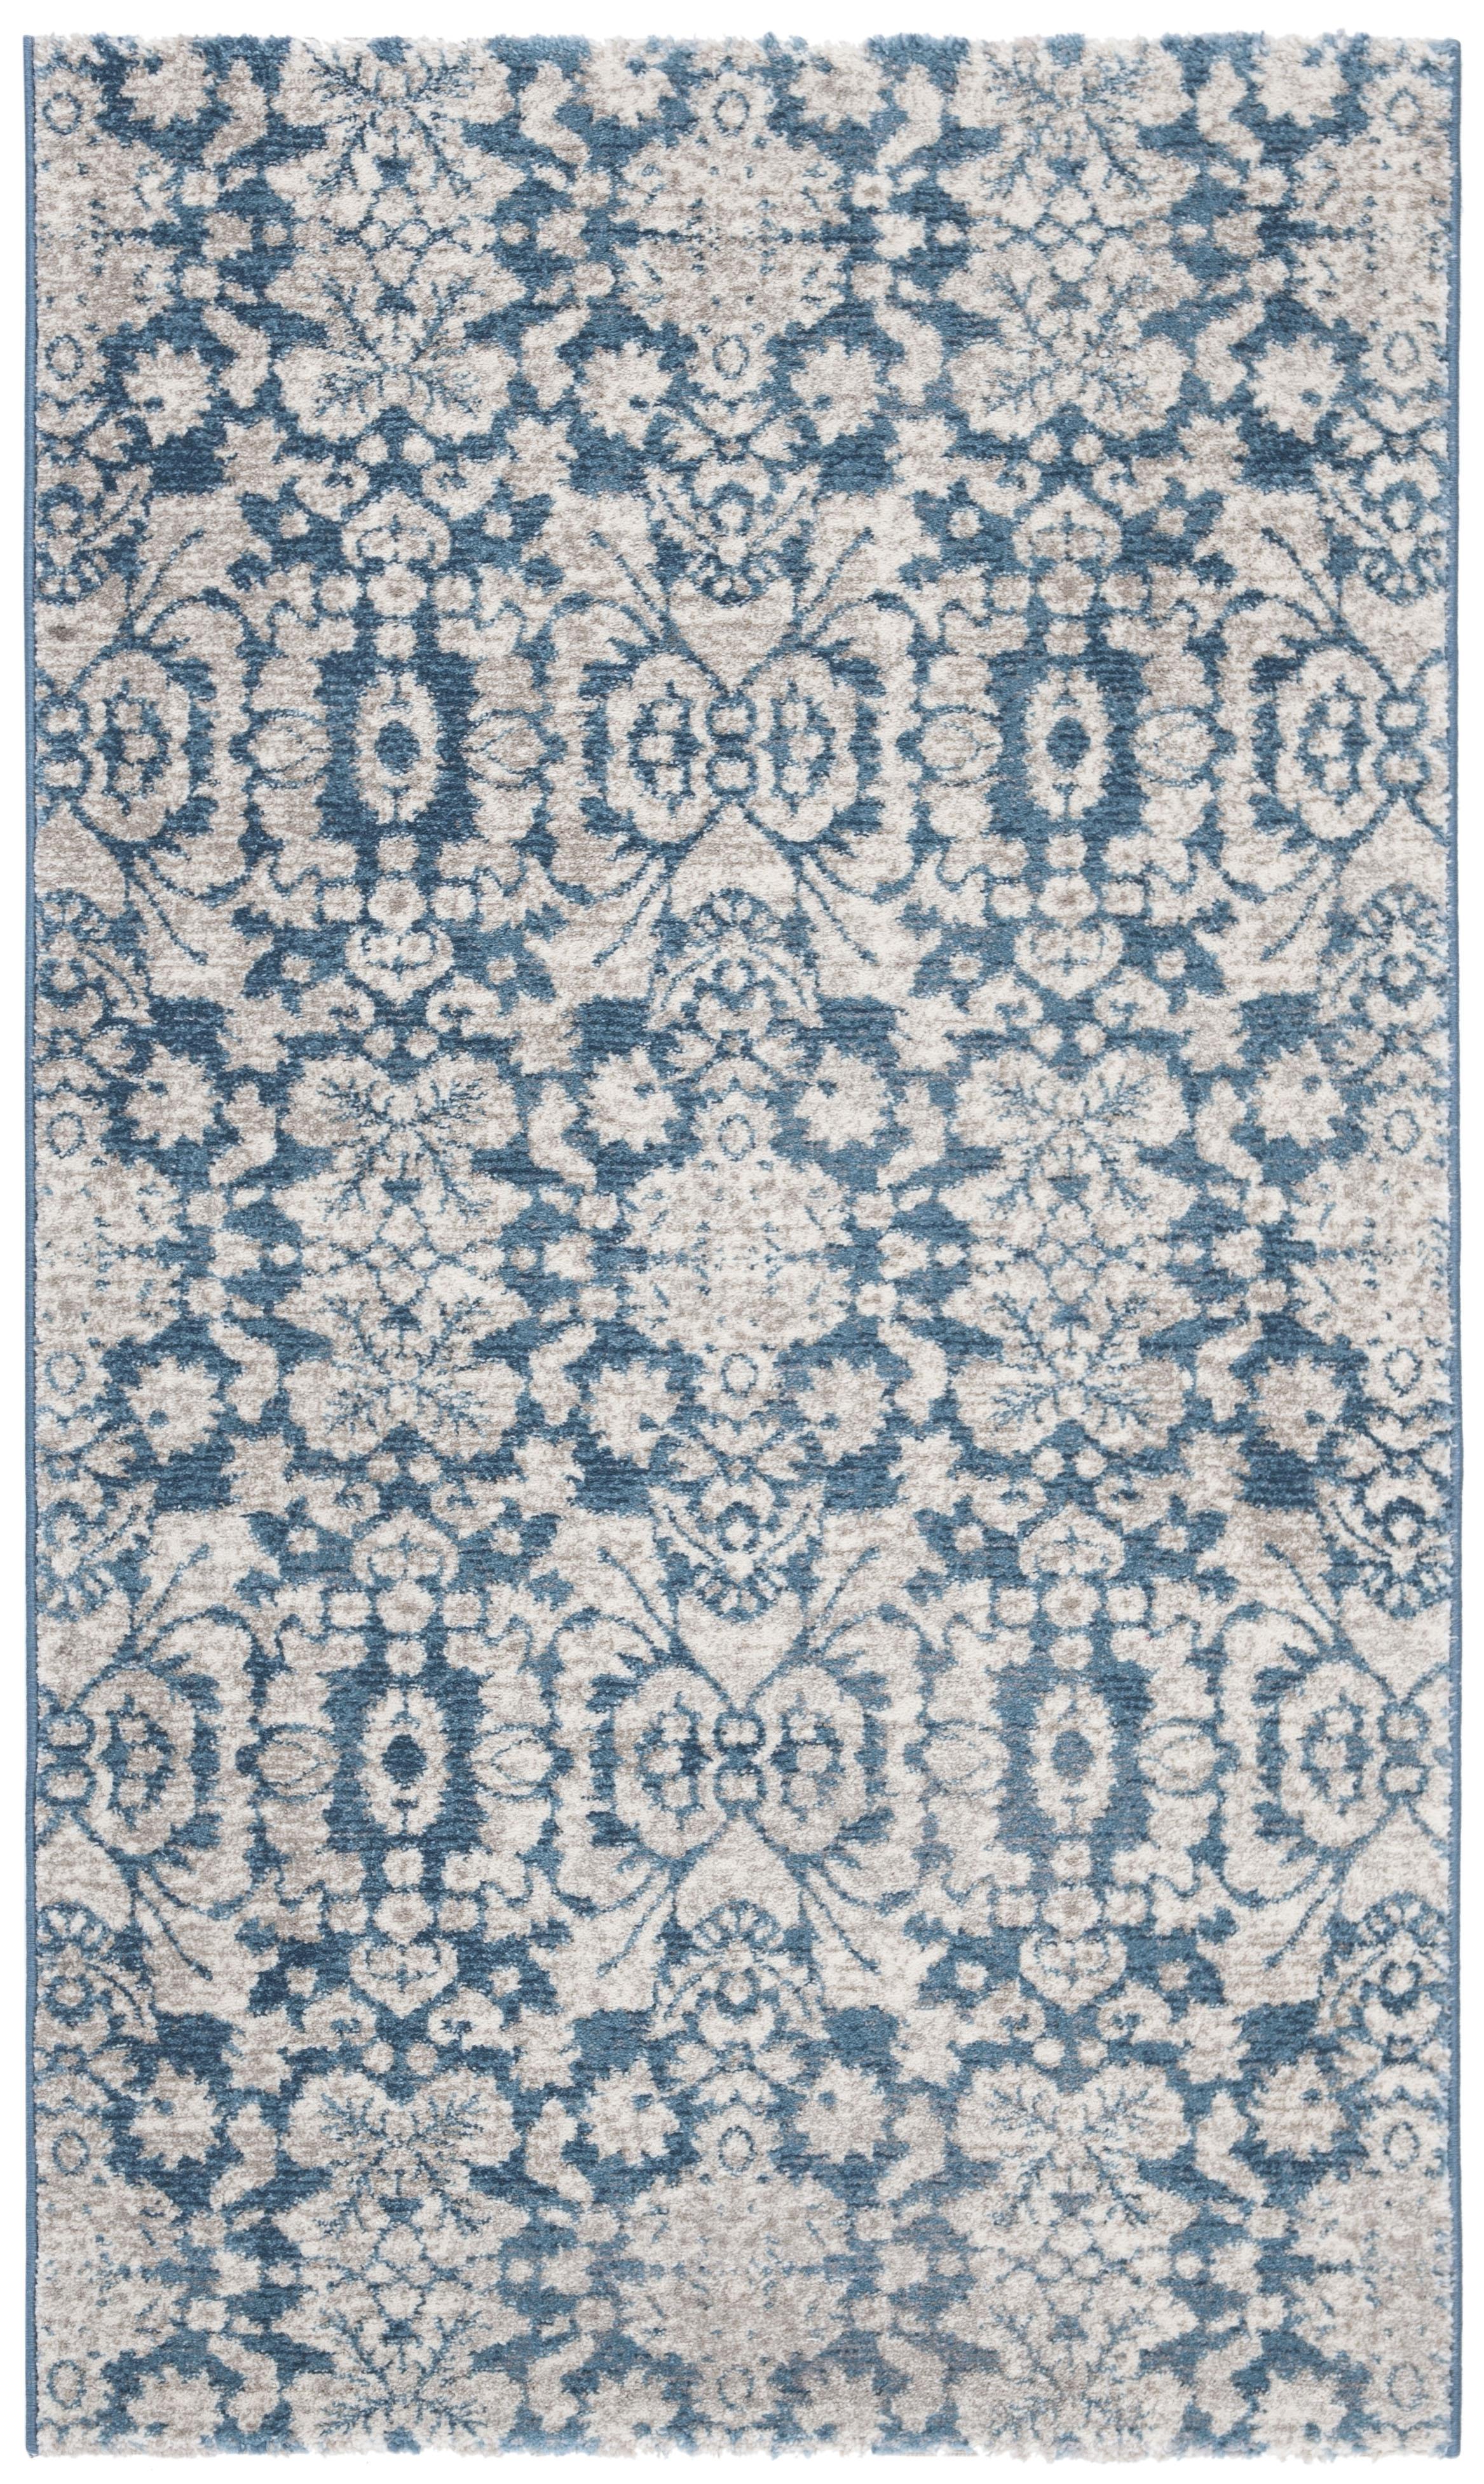 Tapis de salon d'inspiration vintage bleu et beige 91x152